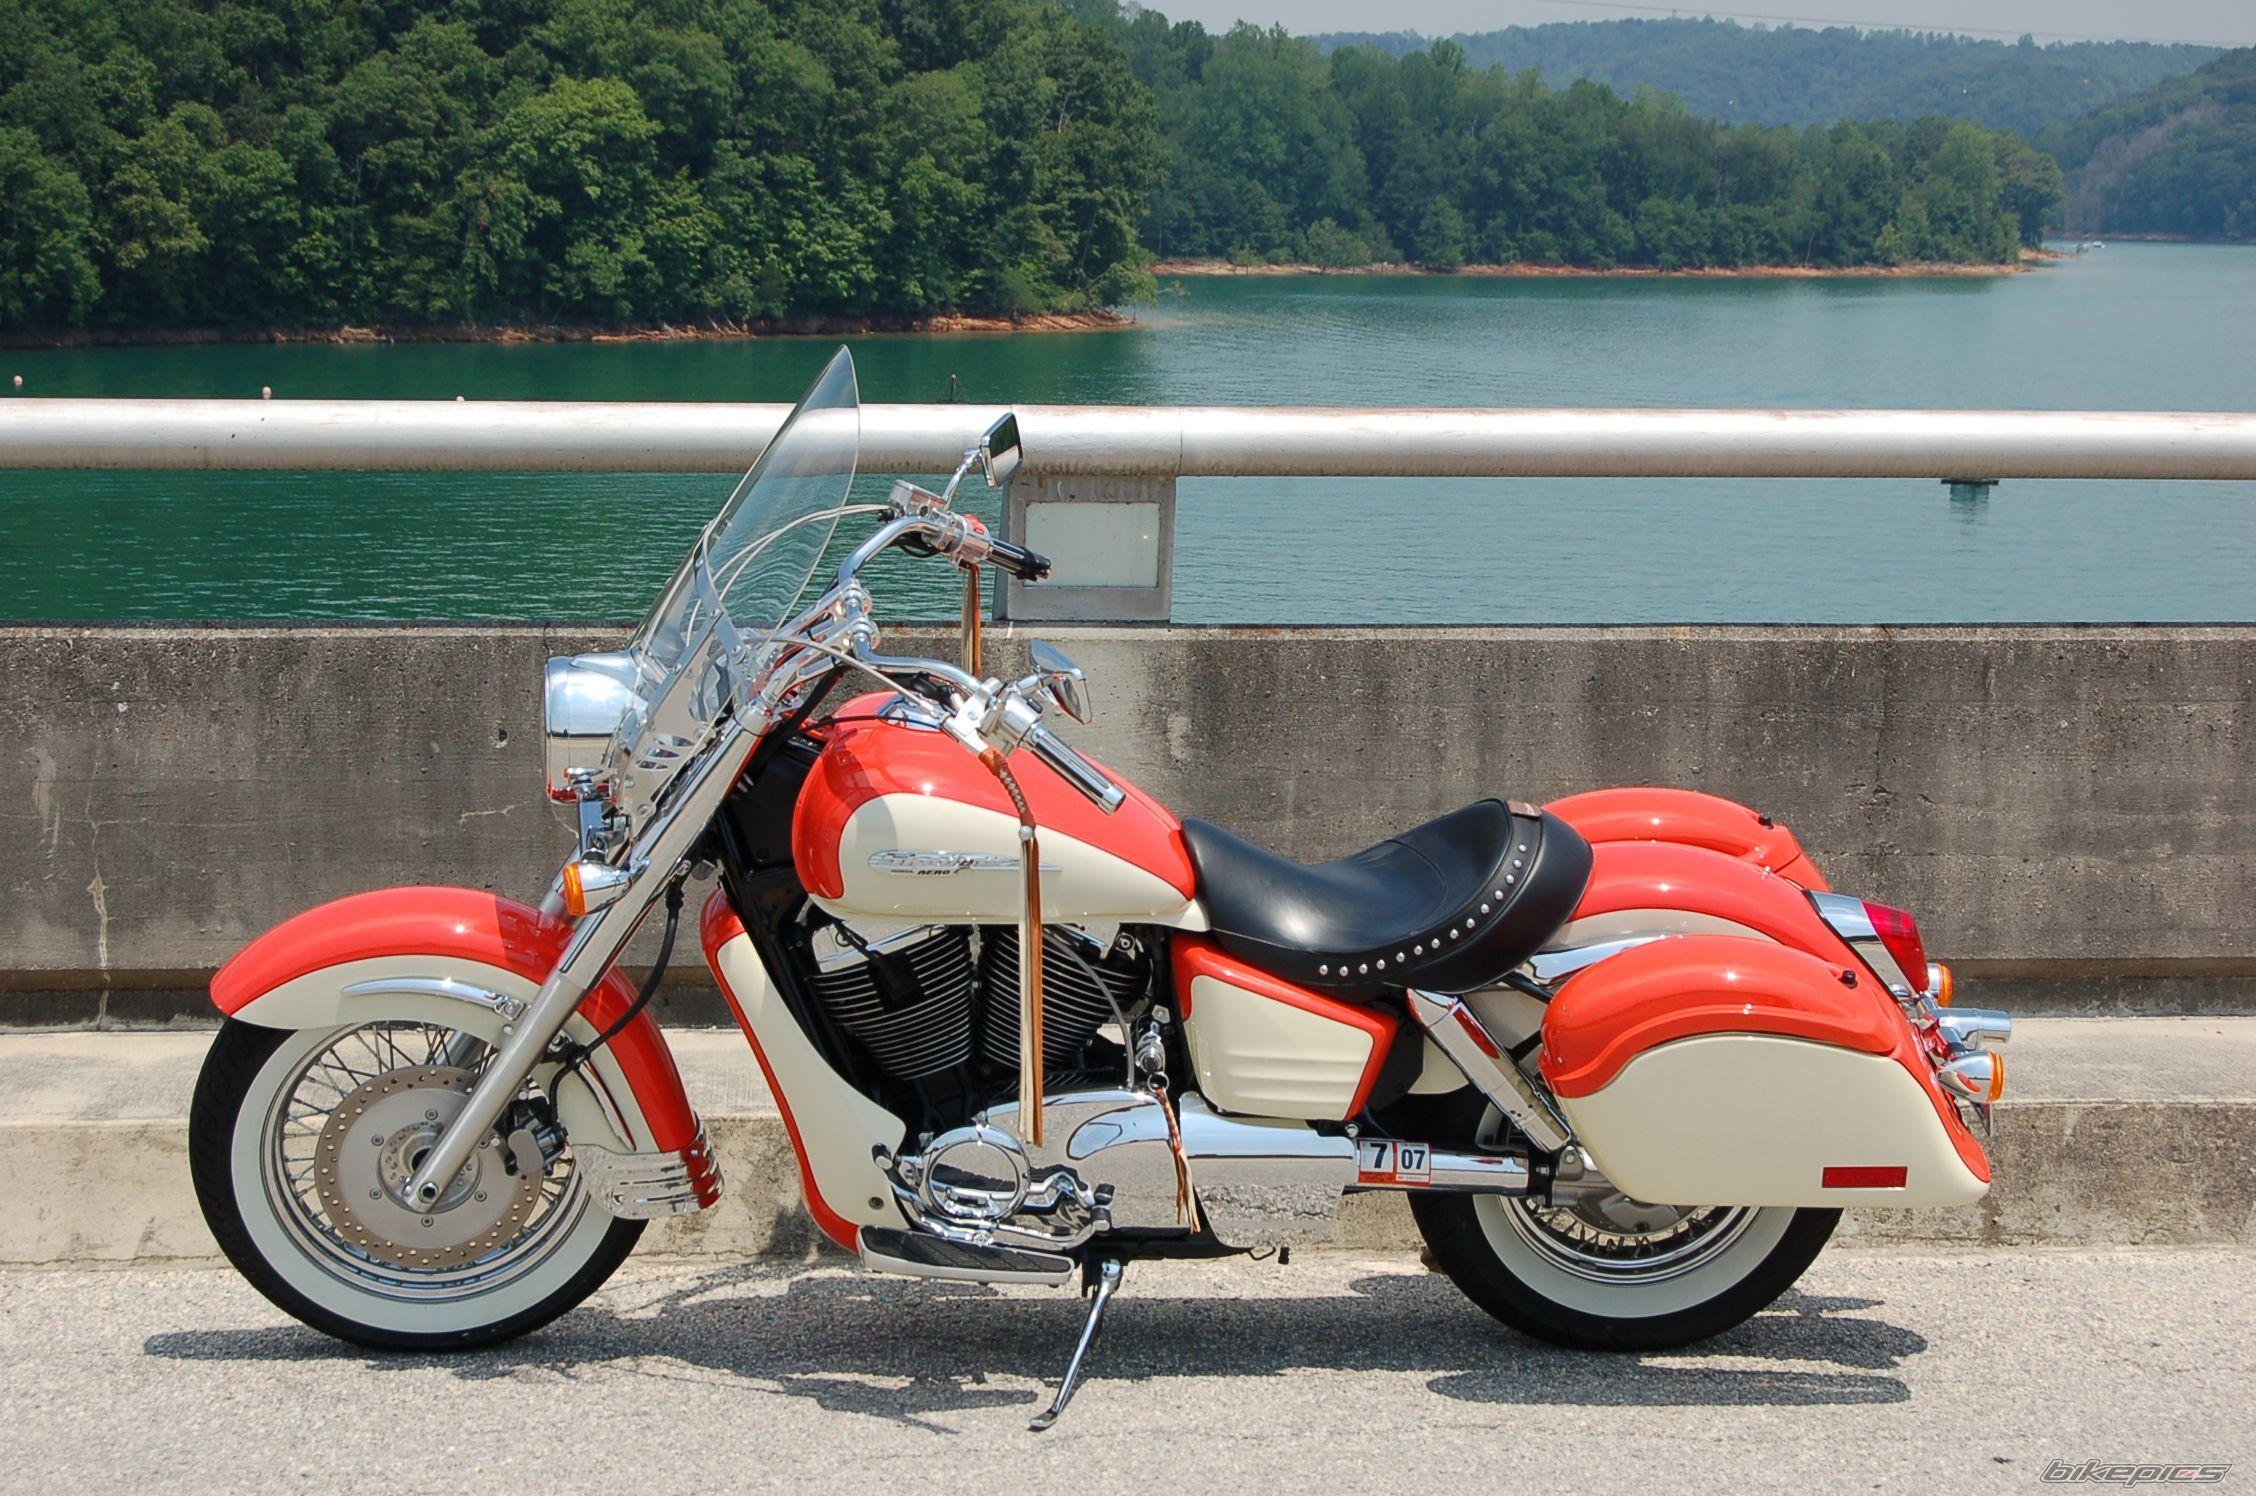 1999 Honda Shadow Aero 1100 Vicky Cawleys 1998 Honda Shadow Aero